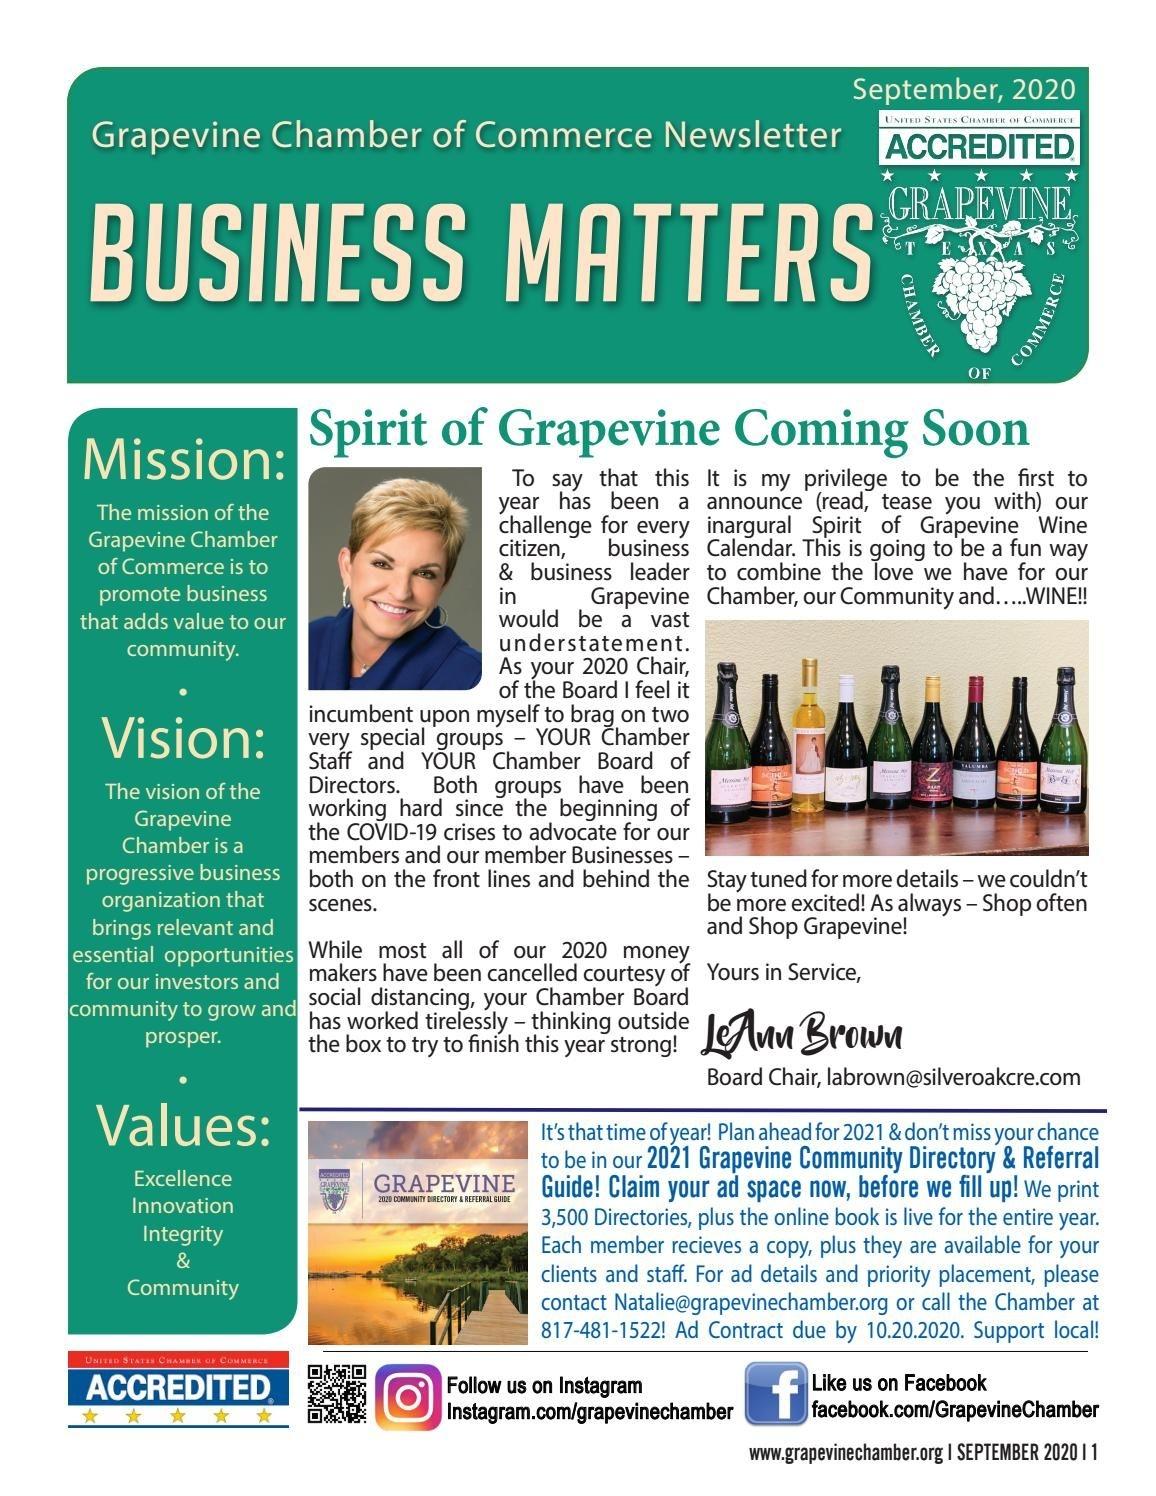 2020 September Grapevine Chamber Newsletter By Grapevine